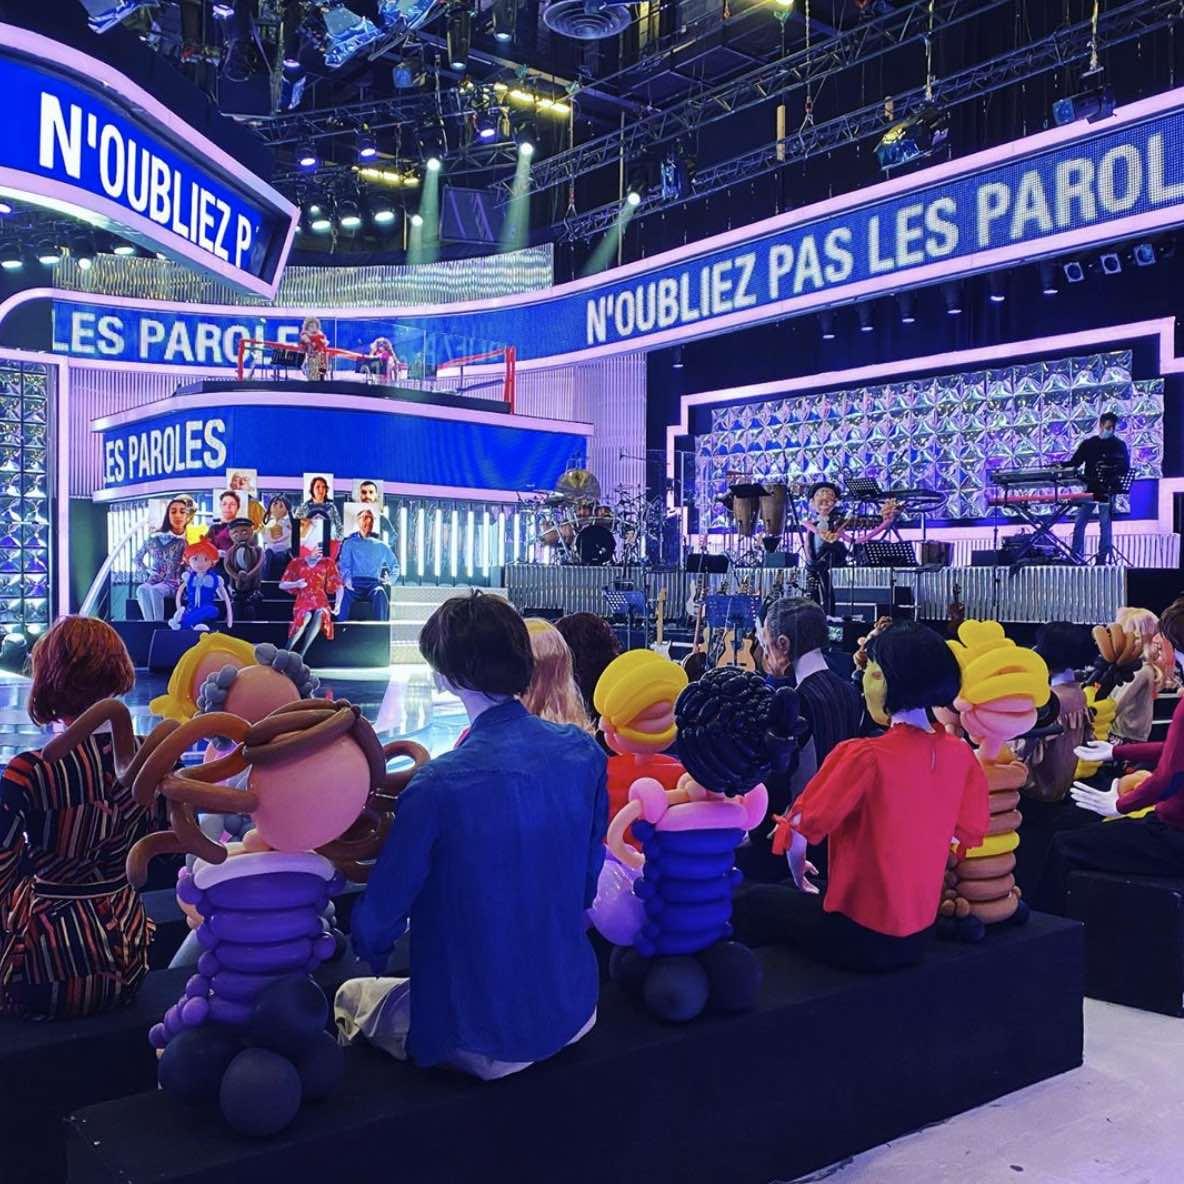 N'oubliez pas les paroles - France 2 - Nagui - Déconfinement - tournage